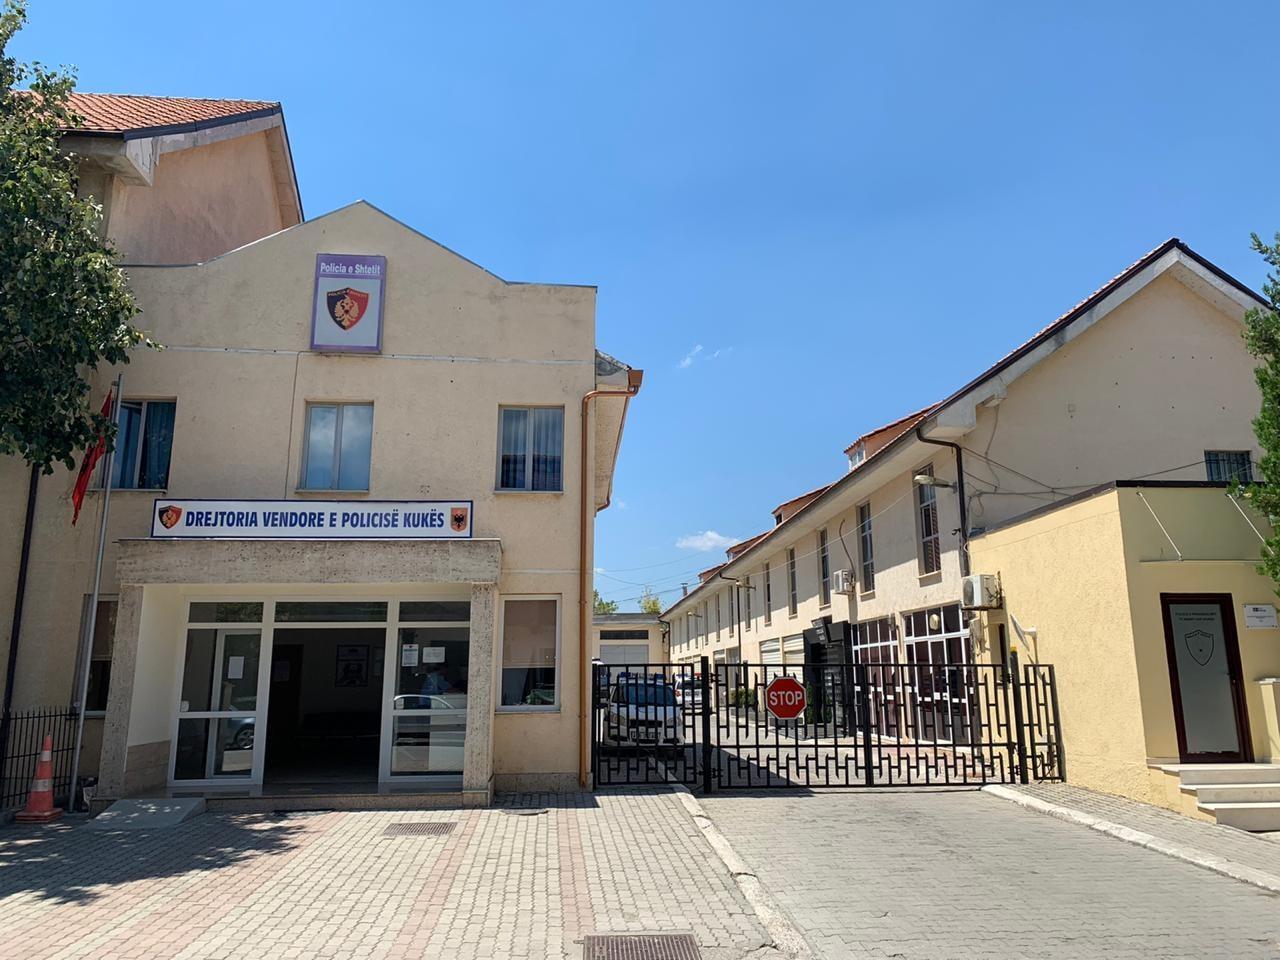 34-vjeçari i shpallur në kërkim ndërkombëtar, arrestohet me qëllim ekstradimin në Maqedoni